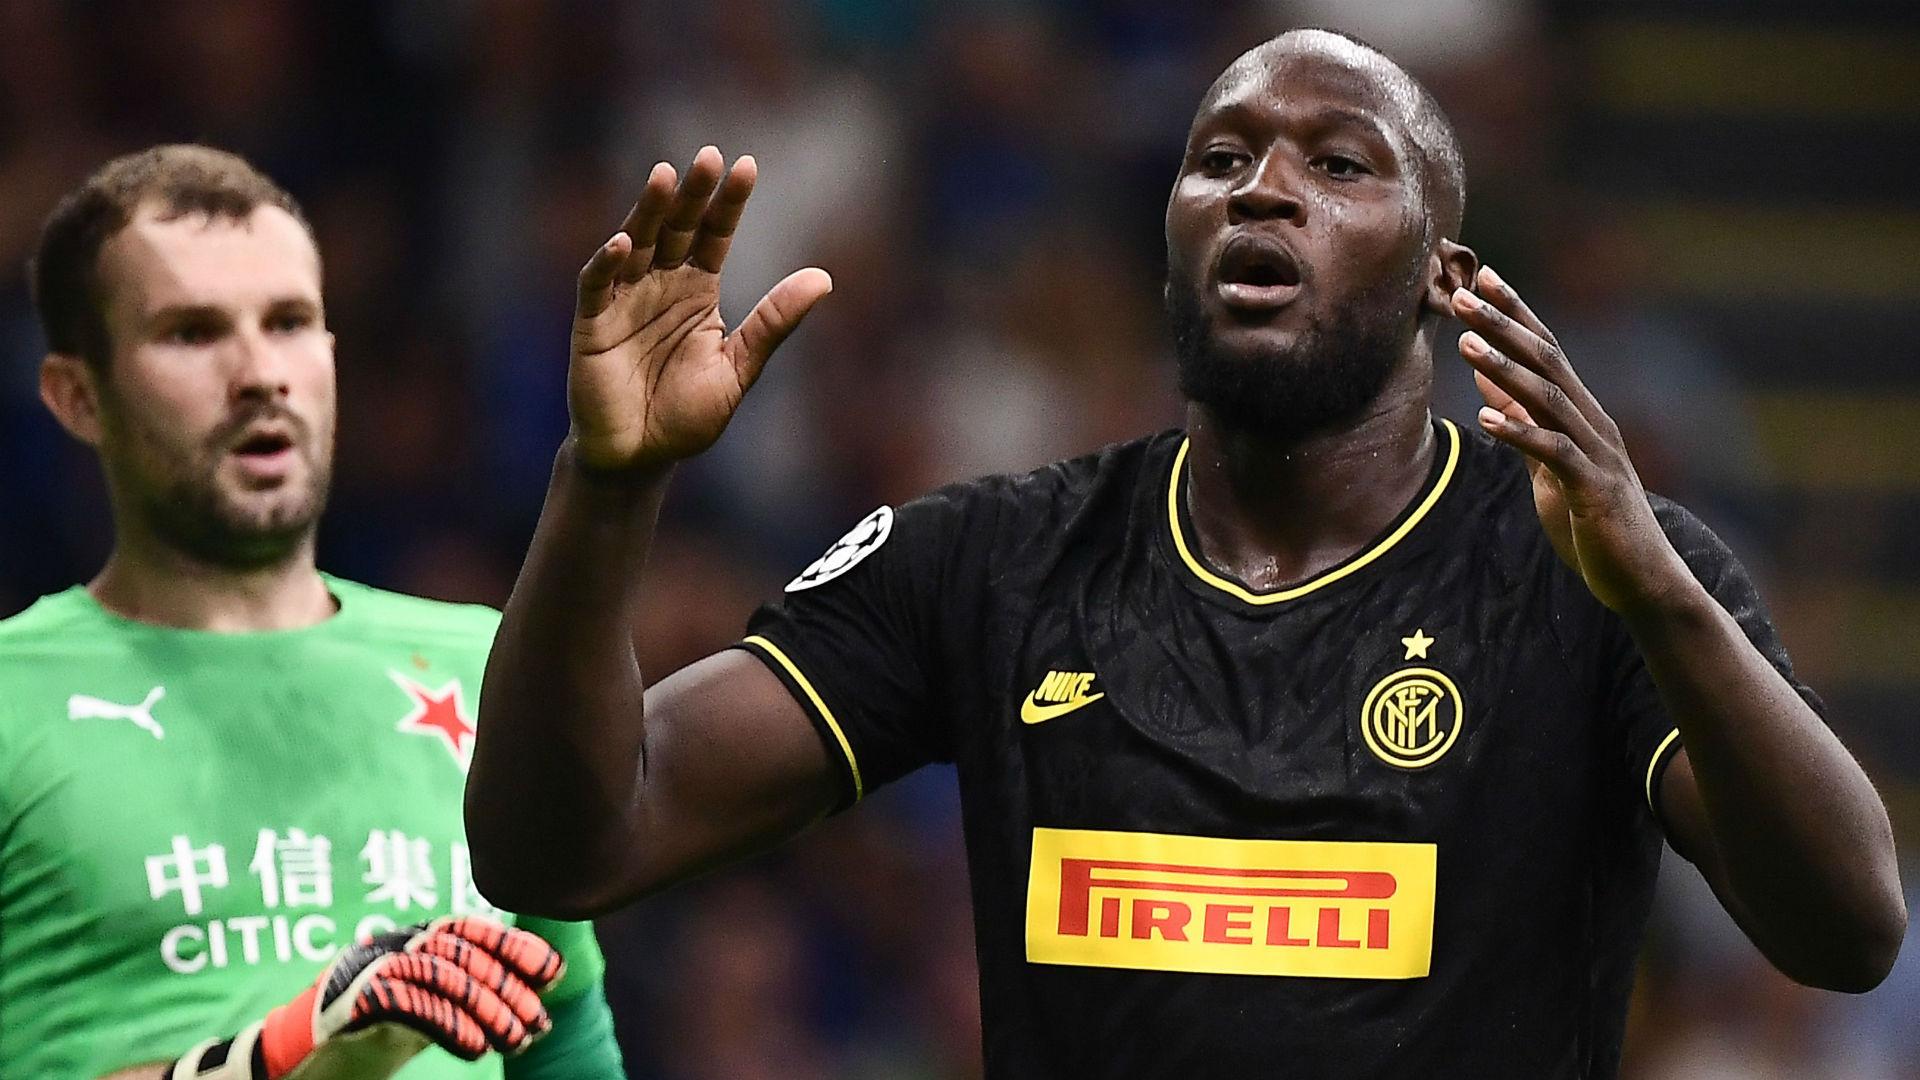 Conte, notte alla Pinetina per ripartire: l'Inter pensa al Milan